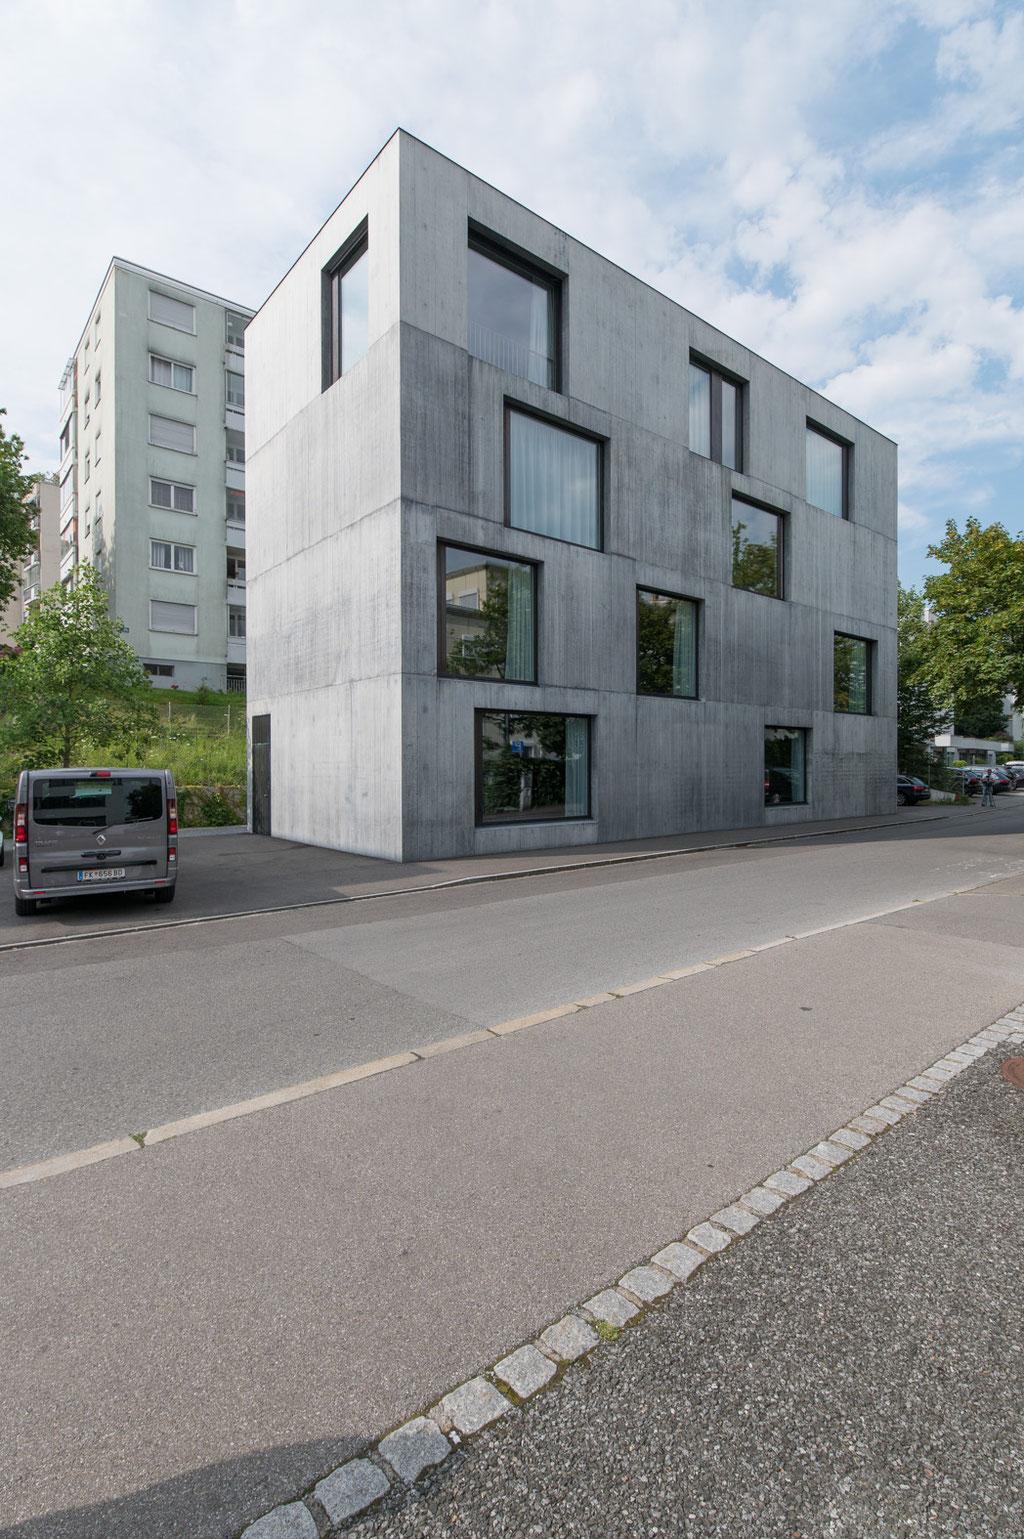 Atelier Klostergasse (Bernardo Bader), Bregenz (A)